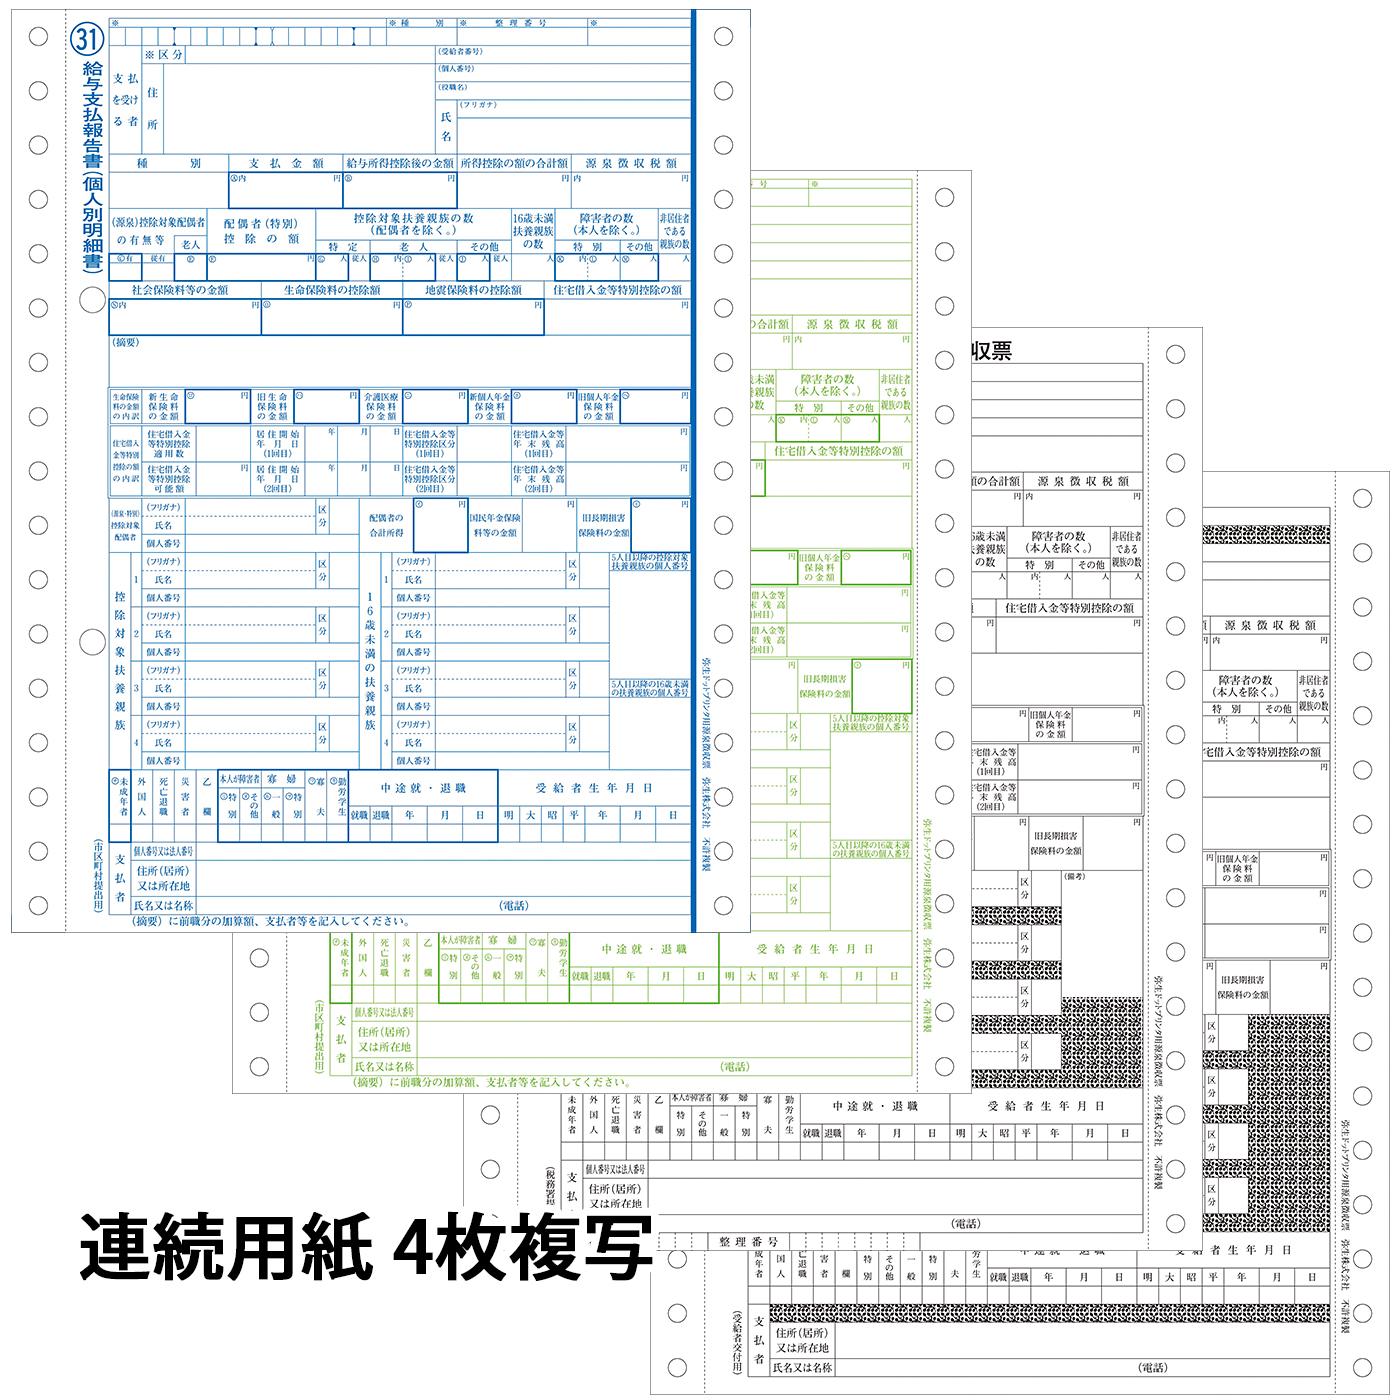 弥生H30源泉徴収票_連続